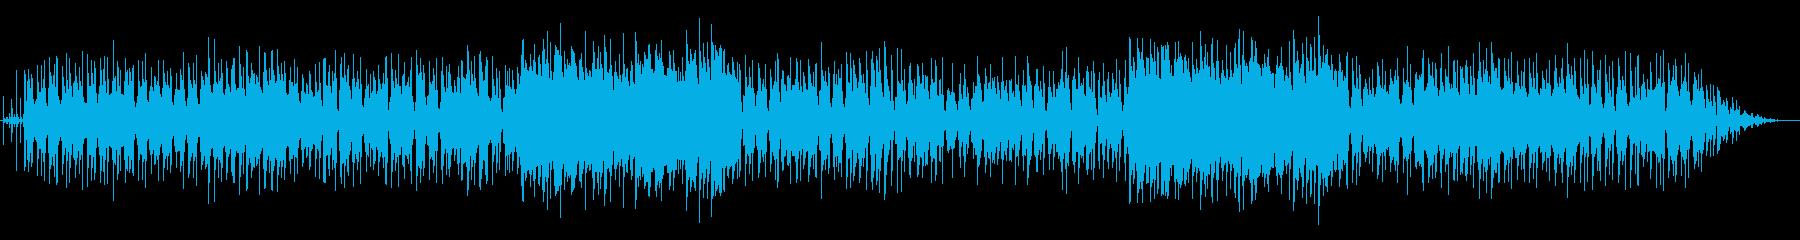 休日の朝に聴きたいジャズワルツの再生済みの波形